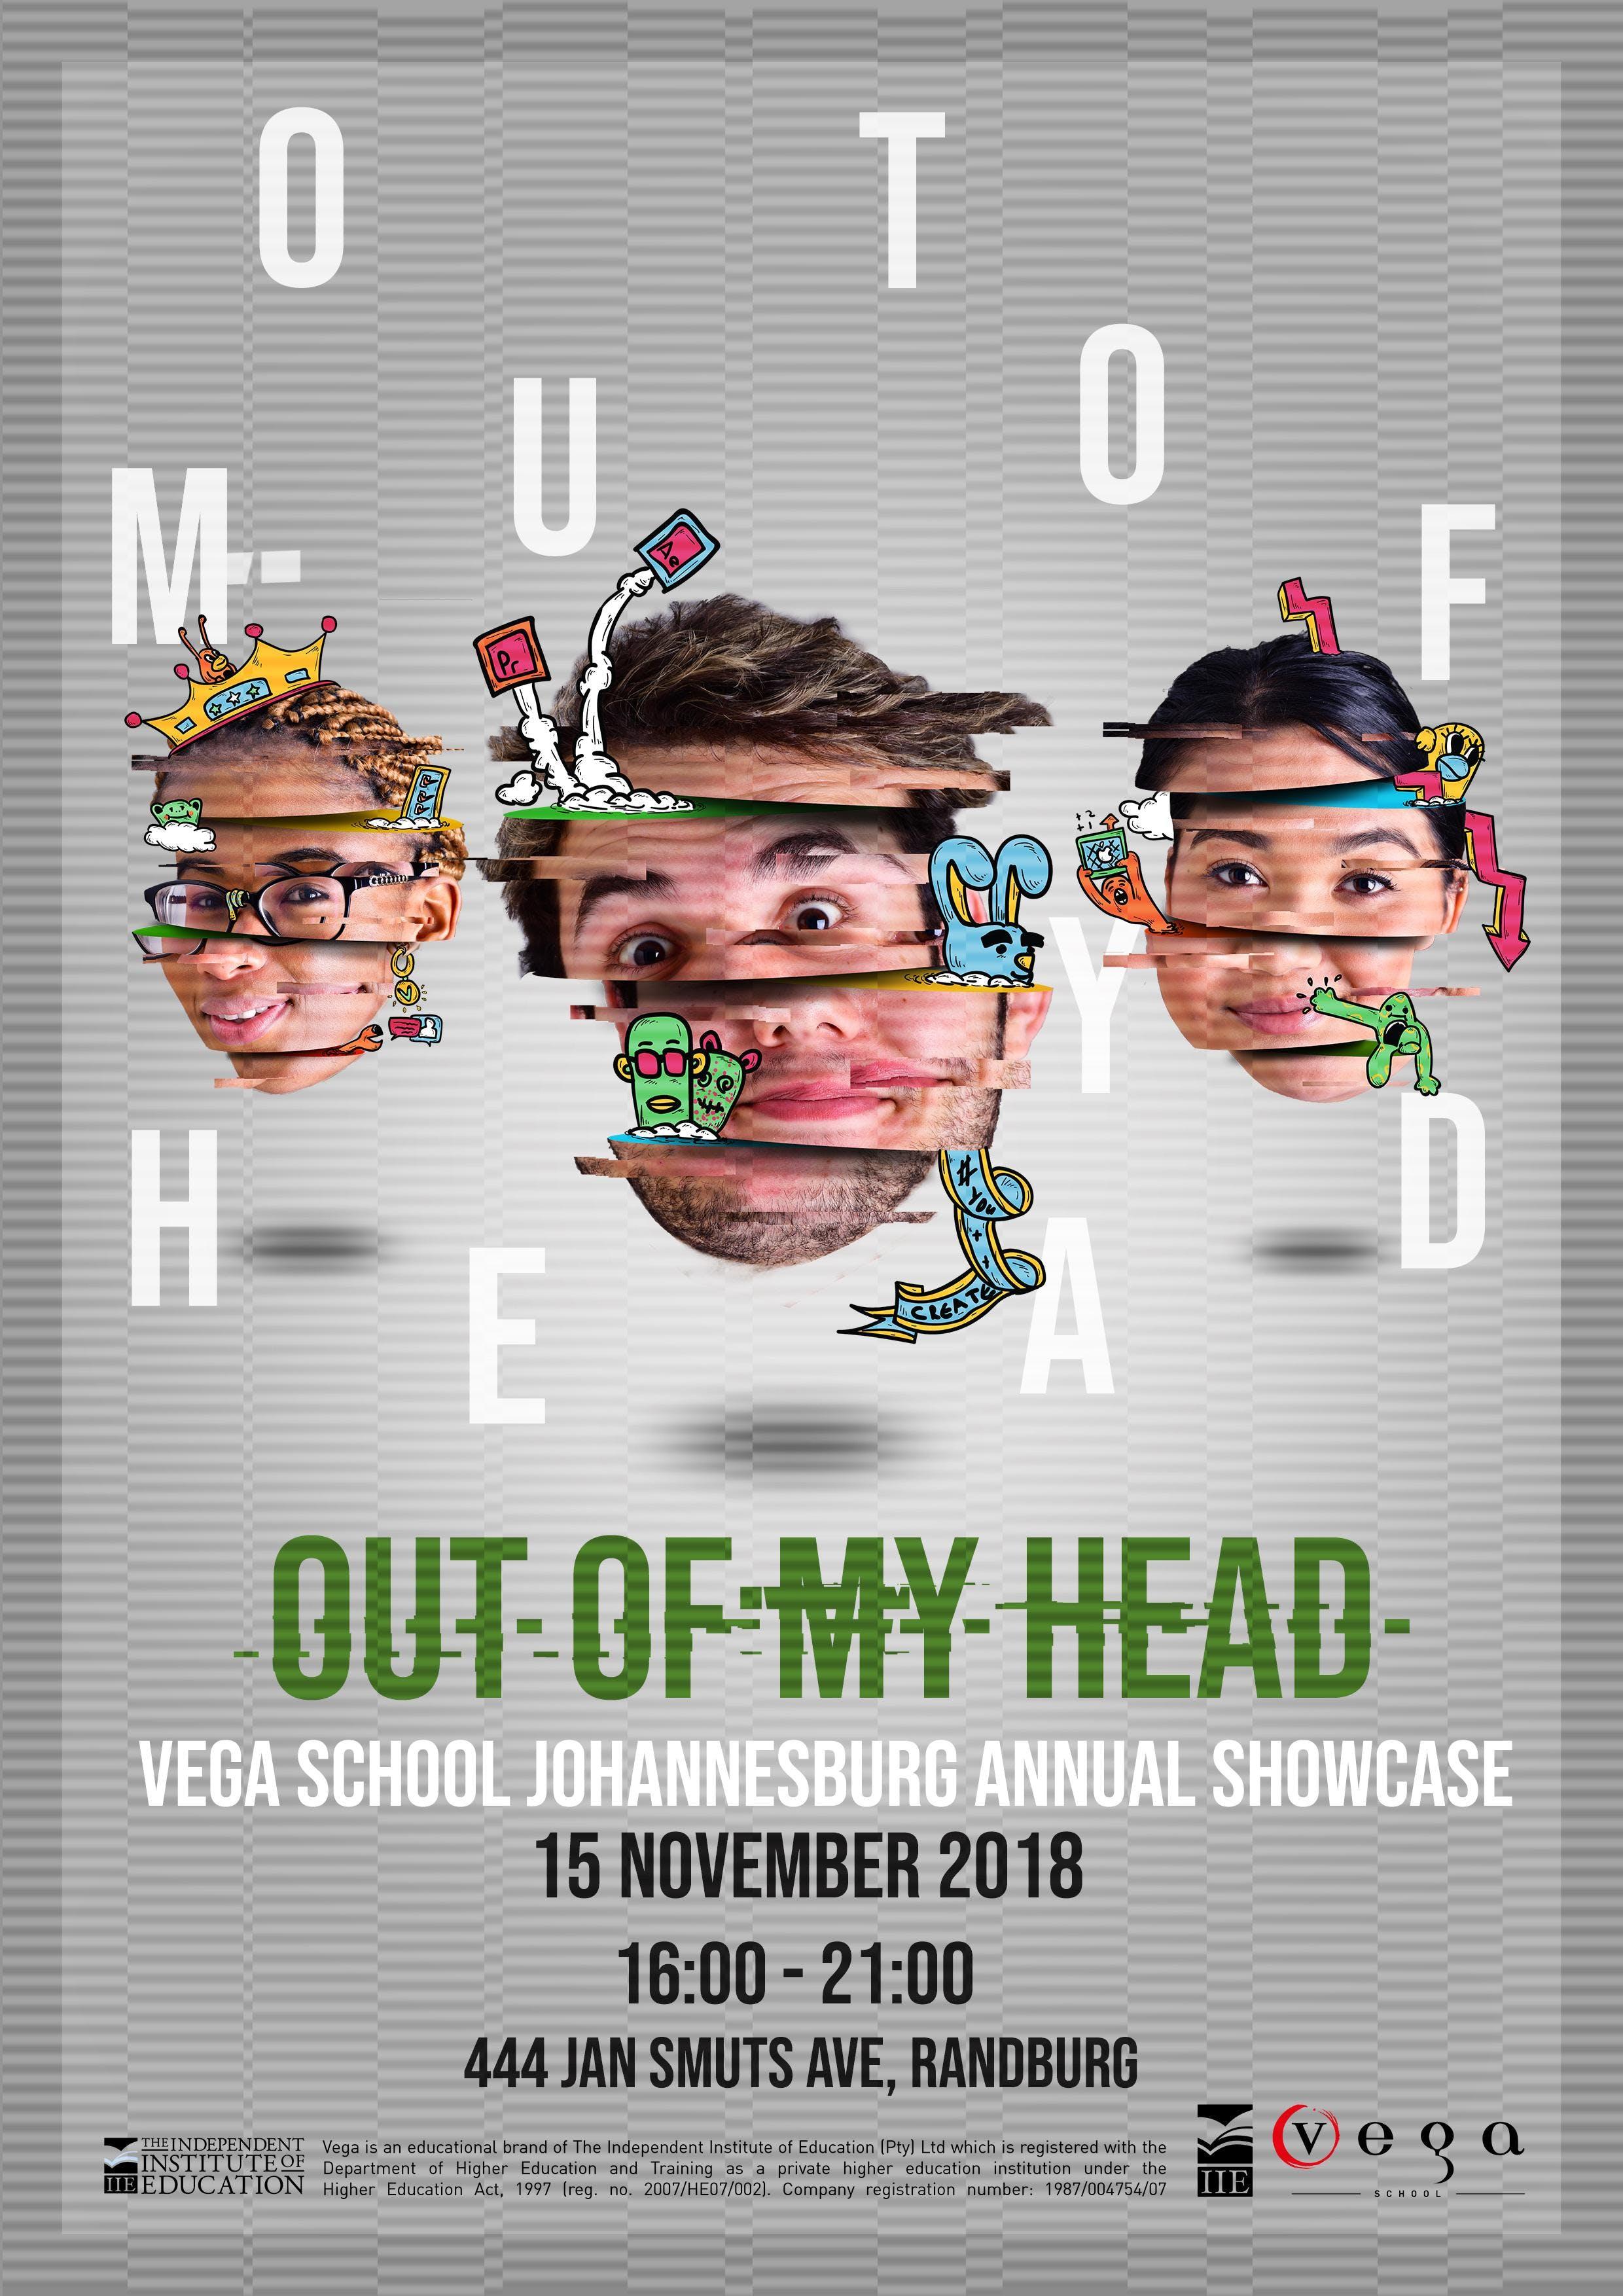 Vega Johannesburg Showcase 2018